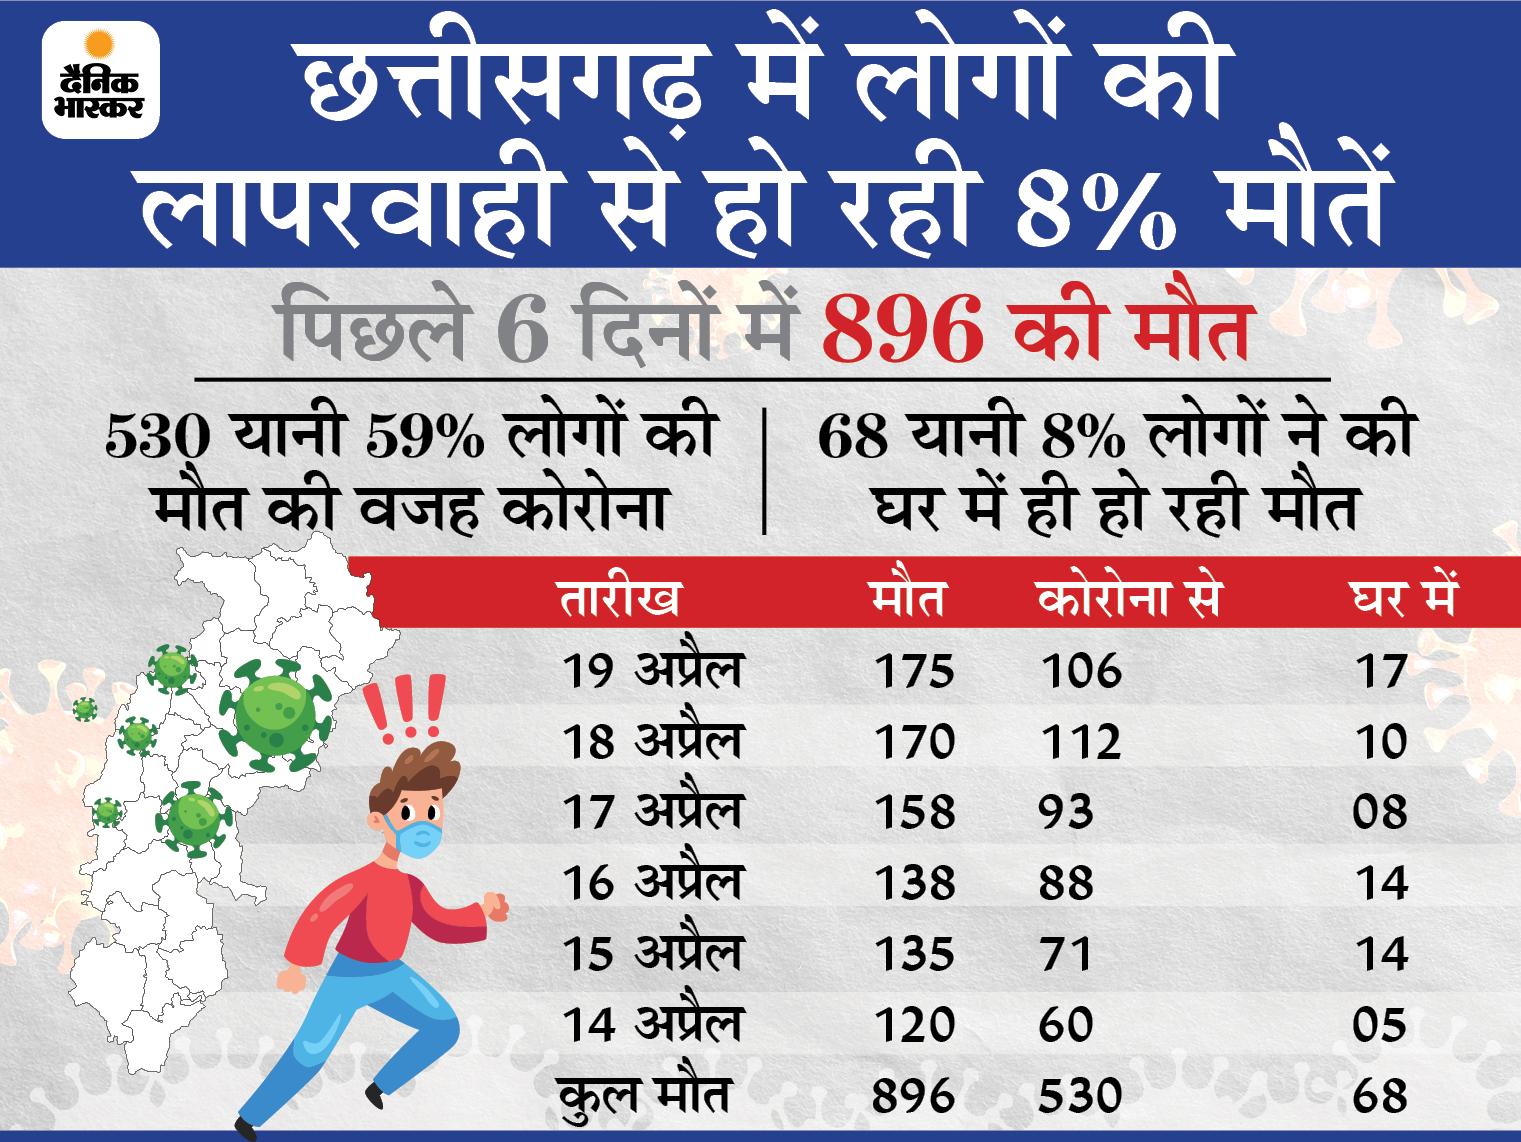 18 साल से अधिक उम्र के लोगों के कोरोना वैक्सीन का भुगतान राज्य सरकार करेगी, CM ने कहा- हम कोरोना को हराएंगे|रायपुर,Raipur - Dainik Bhaskar